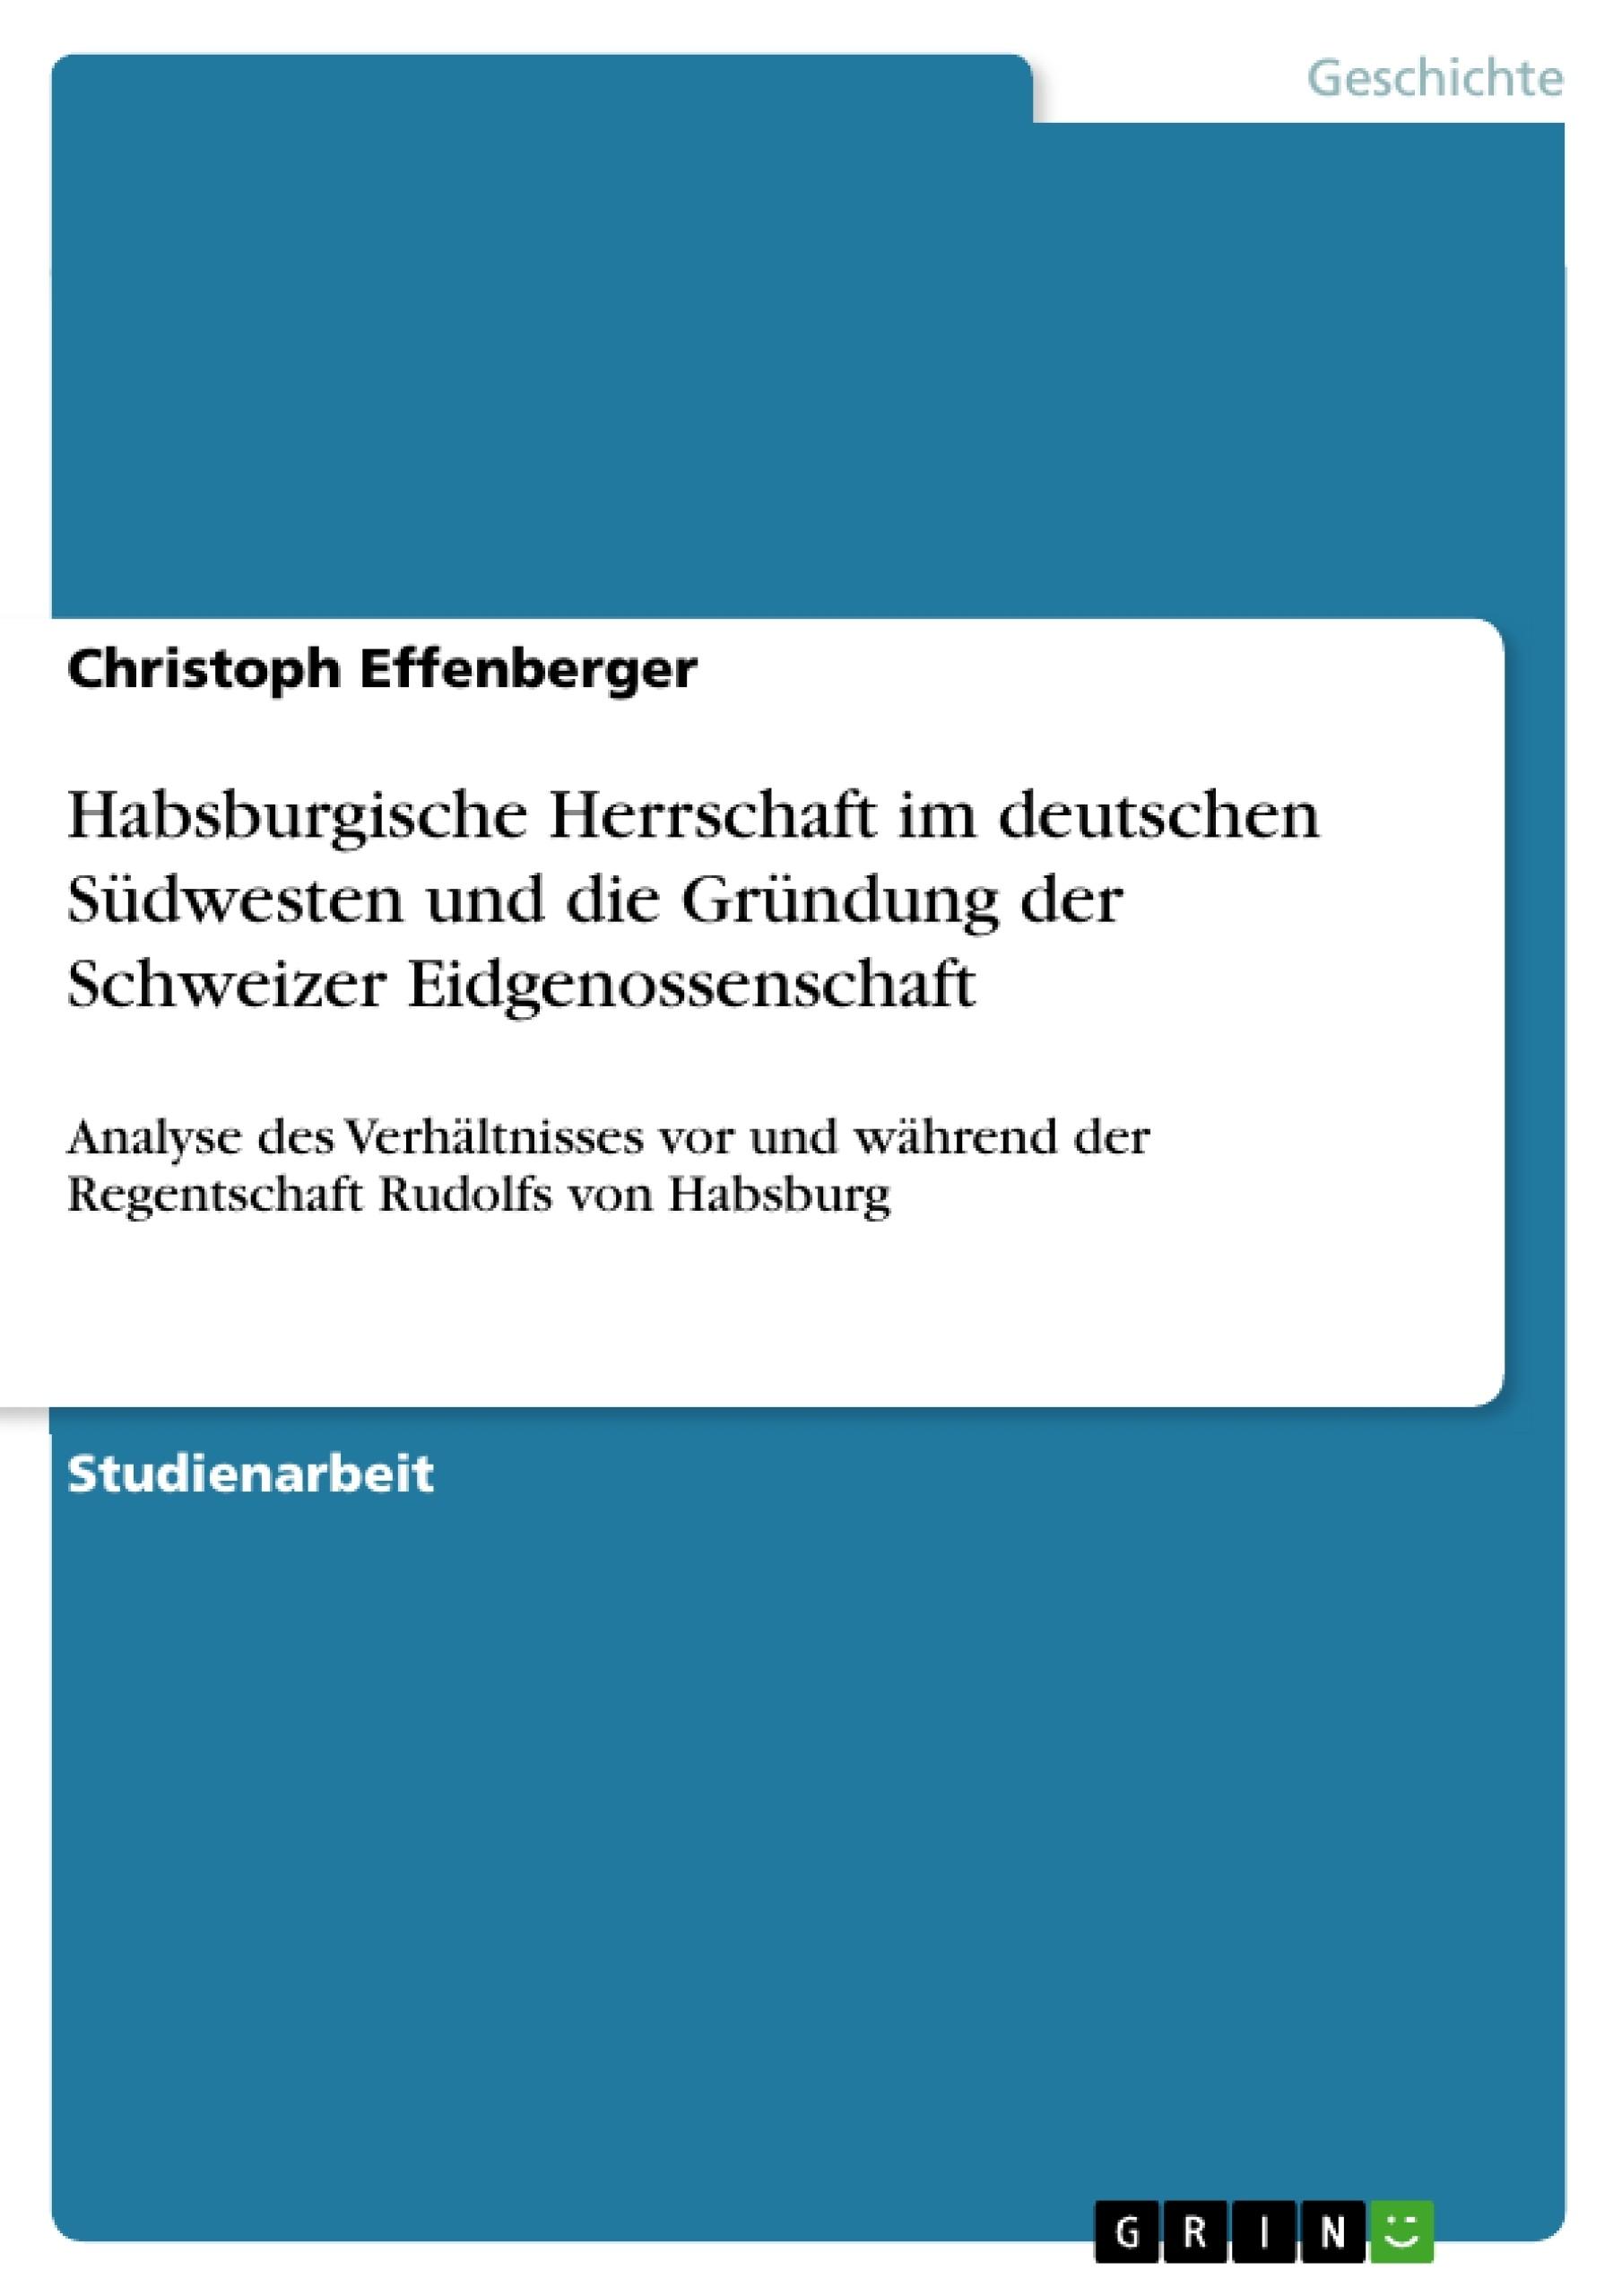 Titel: Habsburgische Herrschaft im deutschen Südwesten und die Gründung der Schweizer Eidgenossenschaft